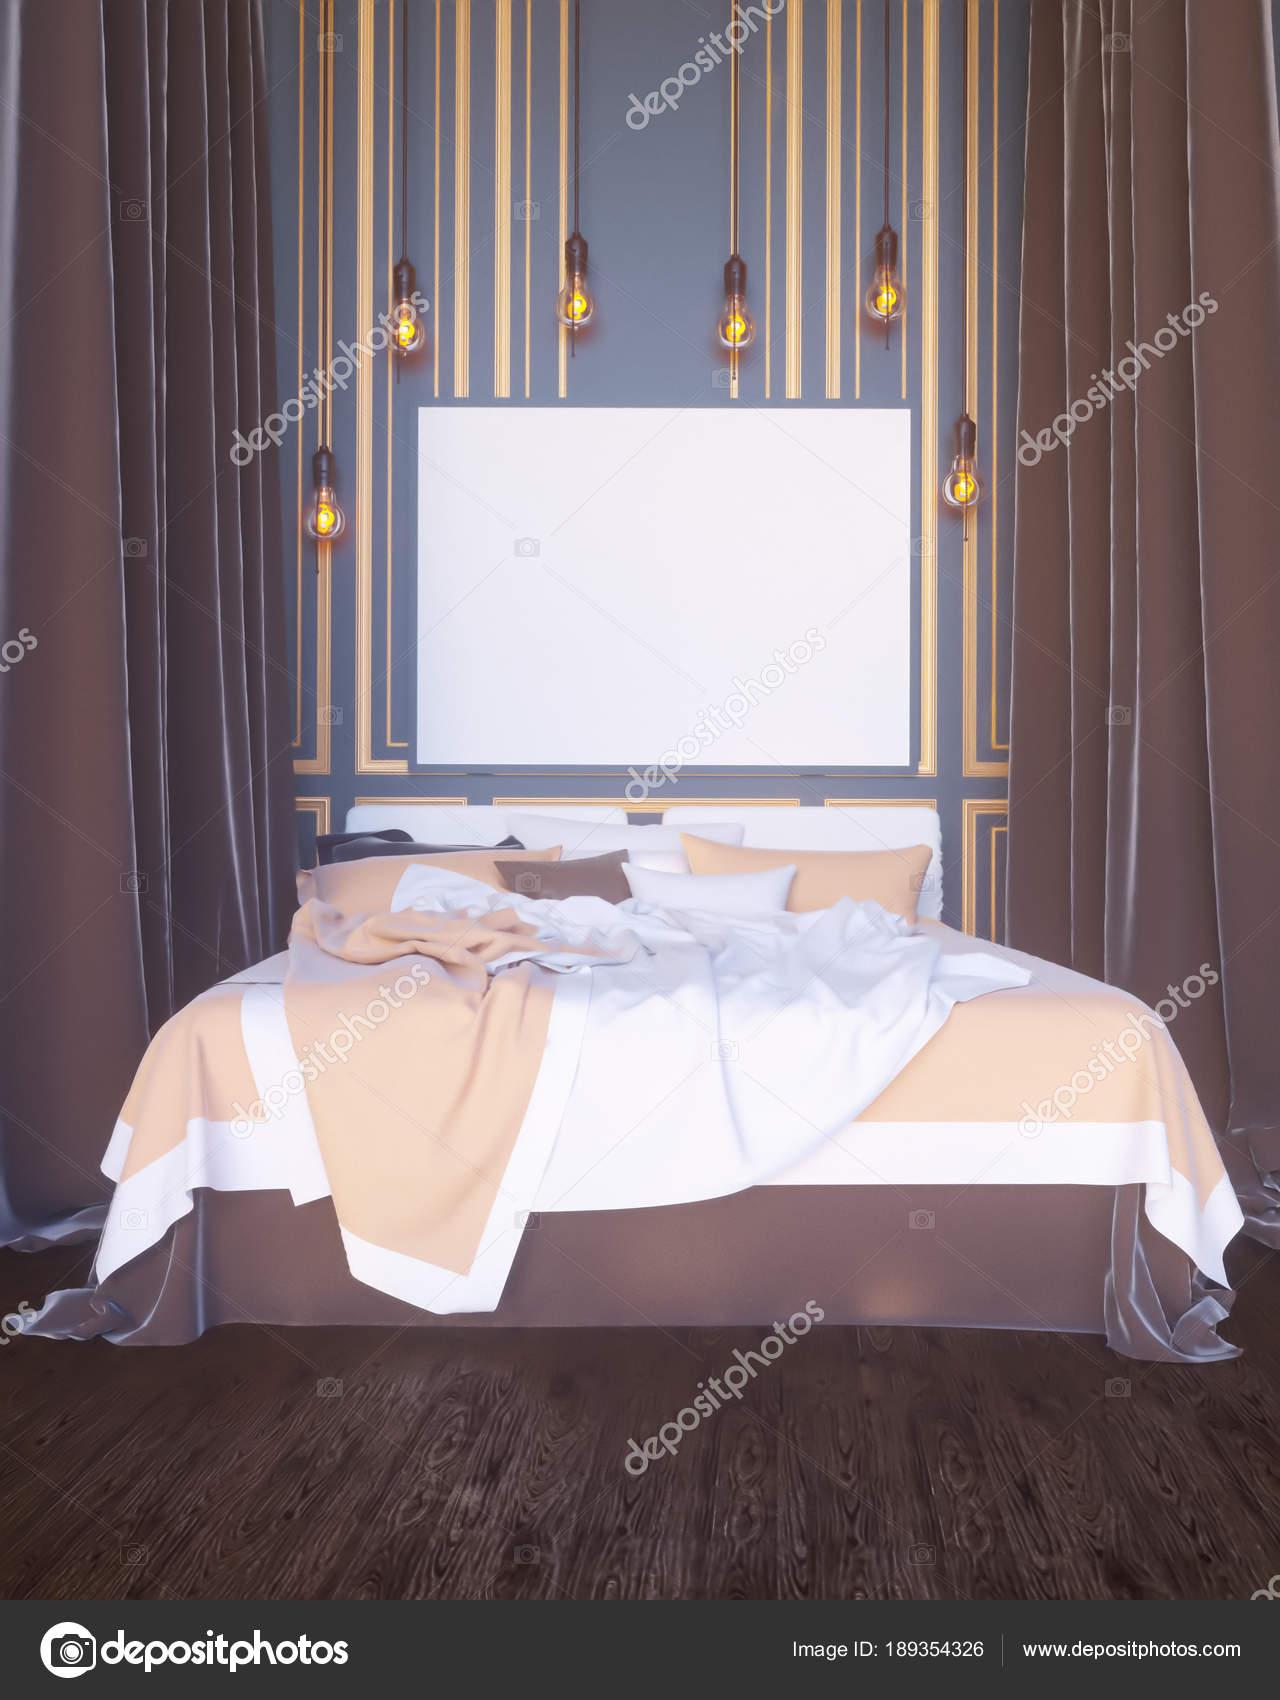 Poster boven bed in de slaapkamer interieur achtergrond